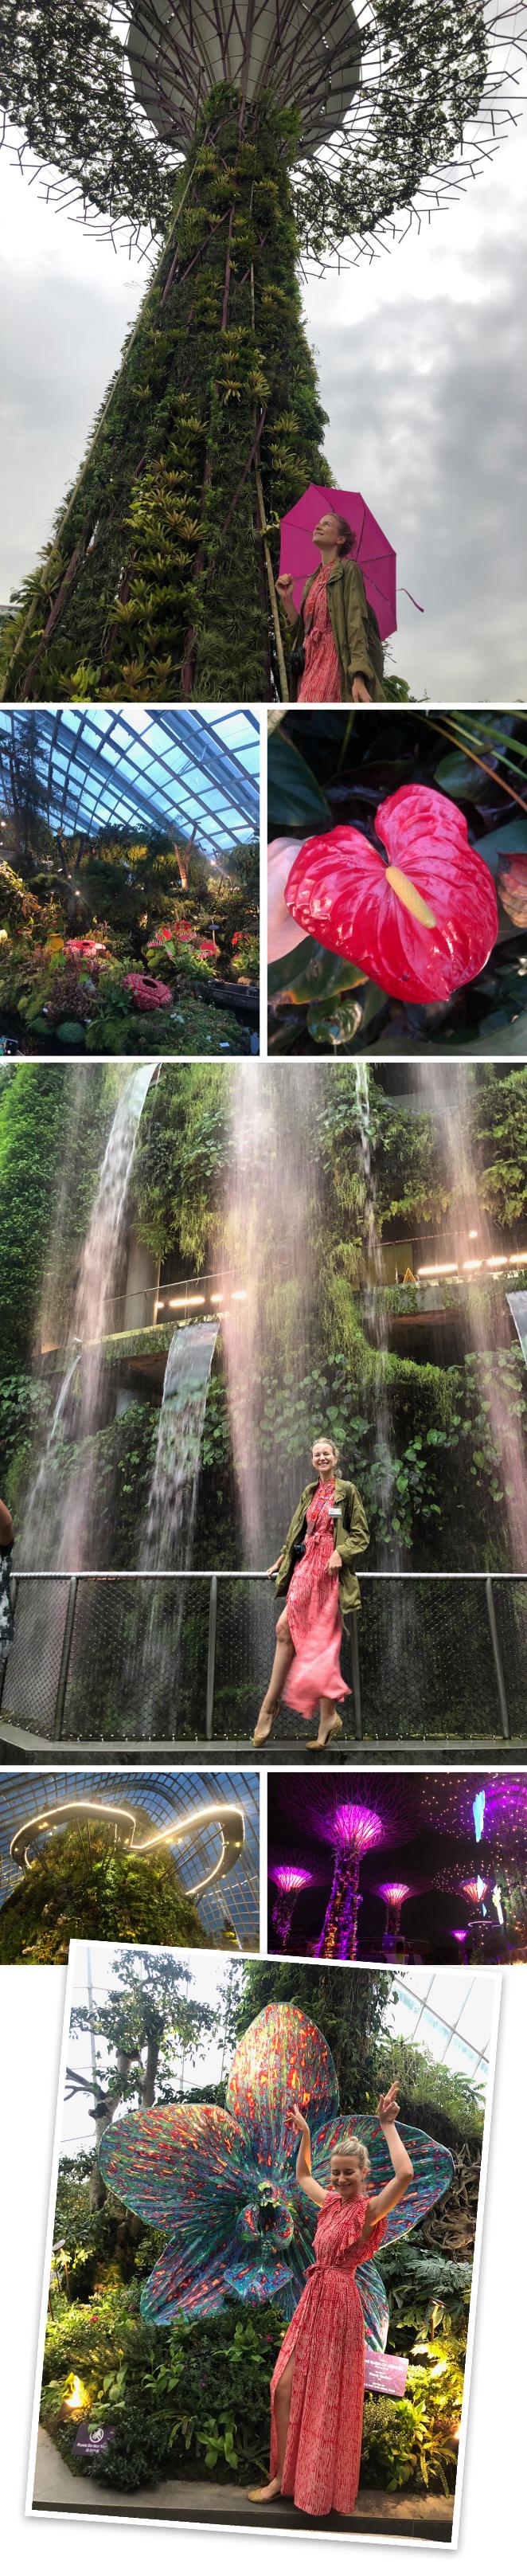 Jardines de la Bahíason los espectaculares jardines que se encuentran detrás del Marina Bays Sands, un espectacular edificio convertido en el más simbólico de la ciudad desde que se inaugurara en el 2014 y que alberga un hotel, centro comercial, centro de convenciones y el Museo de Arte y Ciencia, entre otras cosas. En la planta 57 (a 200 metros de altura) se encuentra su espectacular terraza en forma de barco donde hay un piscina infinita que solo pueden usar los clientes del hotel y desde donde se puede disfrutar de una de las mejores vistas de la ciudad. Los jardines se crearon en 2012 y tienen muchas zonas para visitar: los Supertrees, la pasarela OCBC Skyway, Cloud Forest (cuenta con una cascada de 35 metros de altura) y el Flower Dome. Esta especie de parque temático es un lugar al que es recomendable dedicar tiempo para visitar ya que es como un libro abierto en el que se puede aprender muchísimo sobre botánica. Imprescindible no perderse el espectáculo gratuito de luces y sonido Garden Rhapsody que tiene lugar todos los días en dos pases a las 19:45 y 20:45.